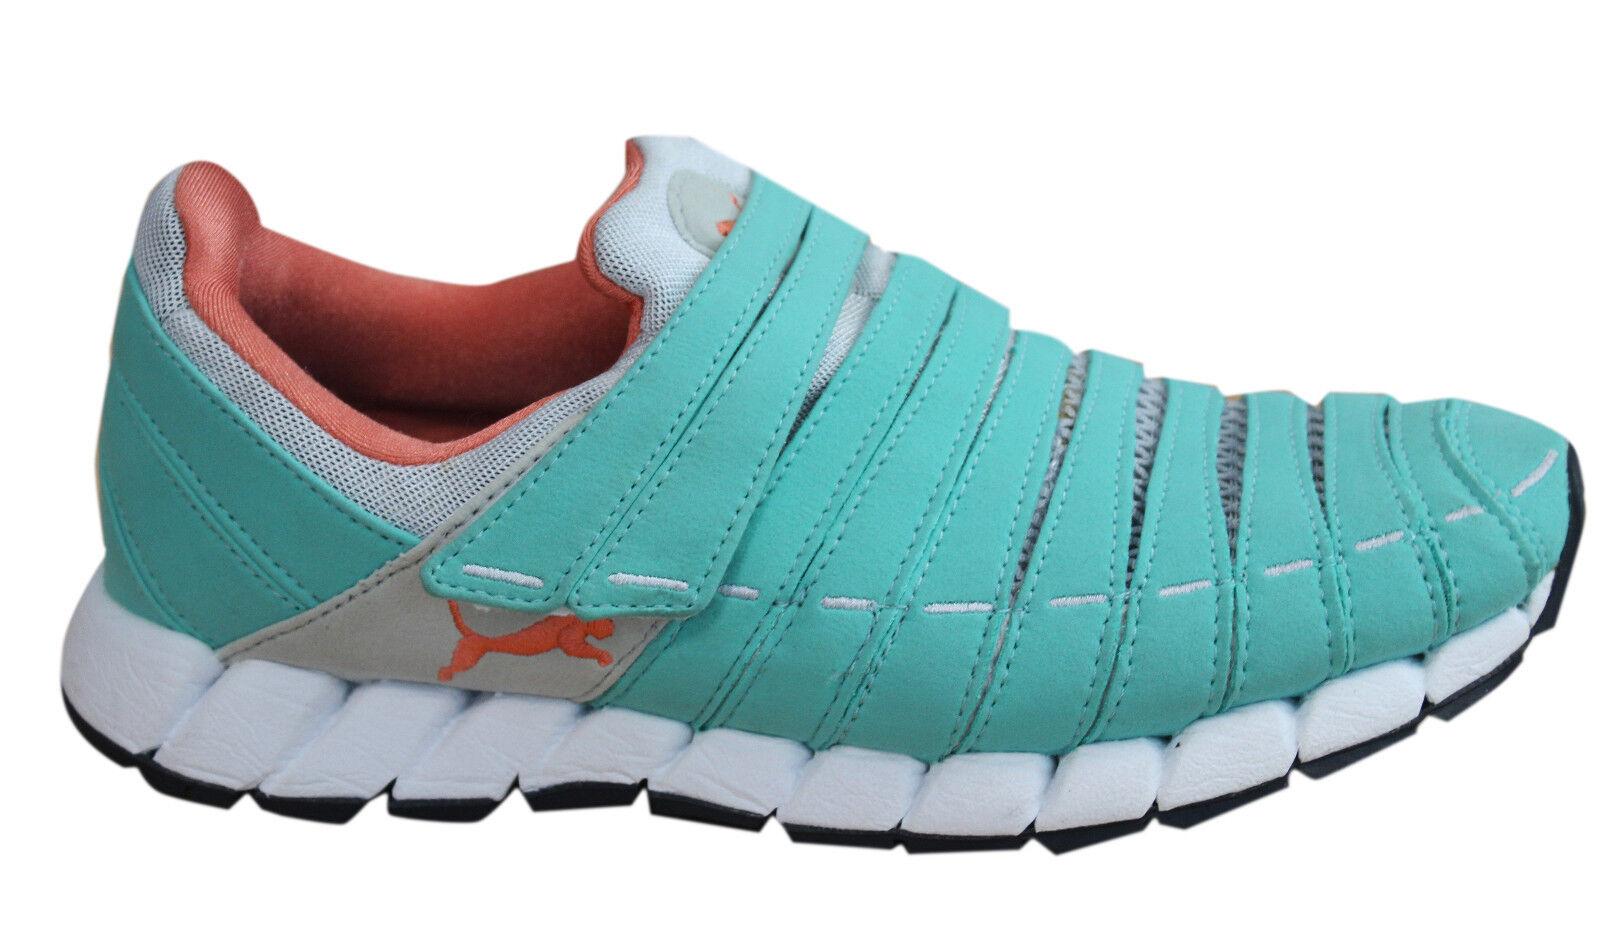 Puma Osu Osu Osu casi como nuevo Zapatillas para mujer Criss Cross Zapatillas Textil De Menta 185686 13 D35  bajo precio